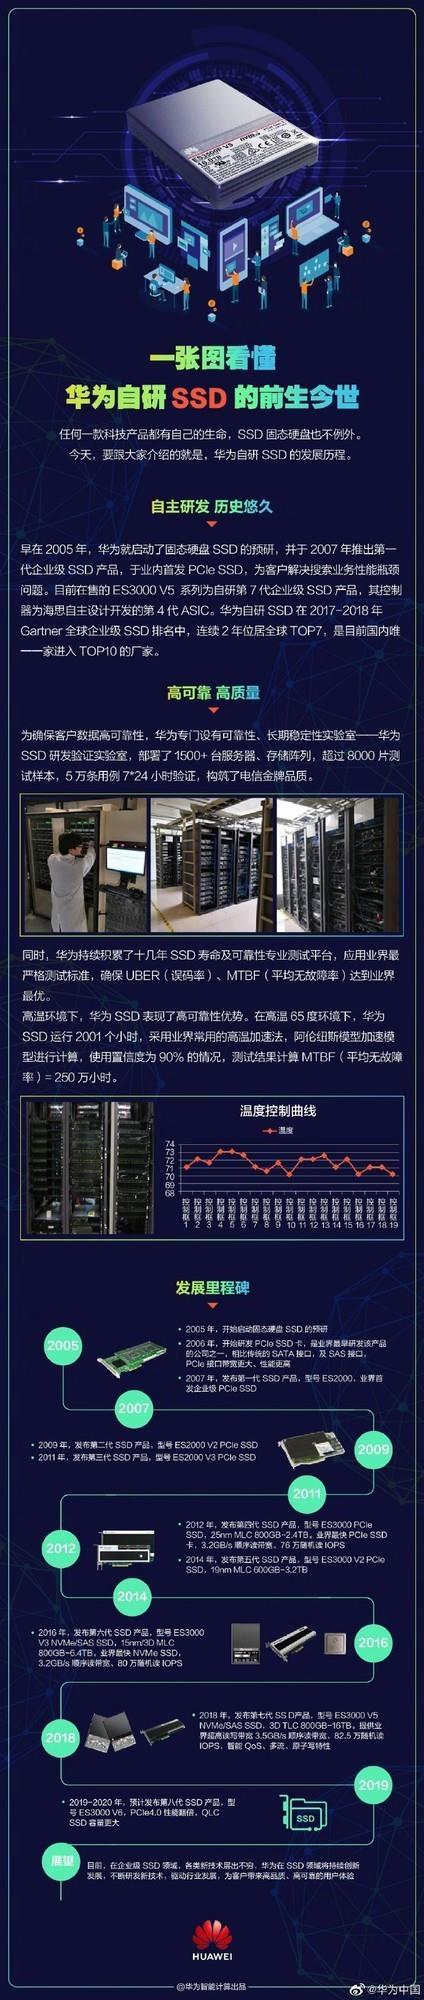 华为将发PCIe4.0 SSD:性能翻倍 容量更大